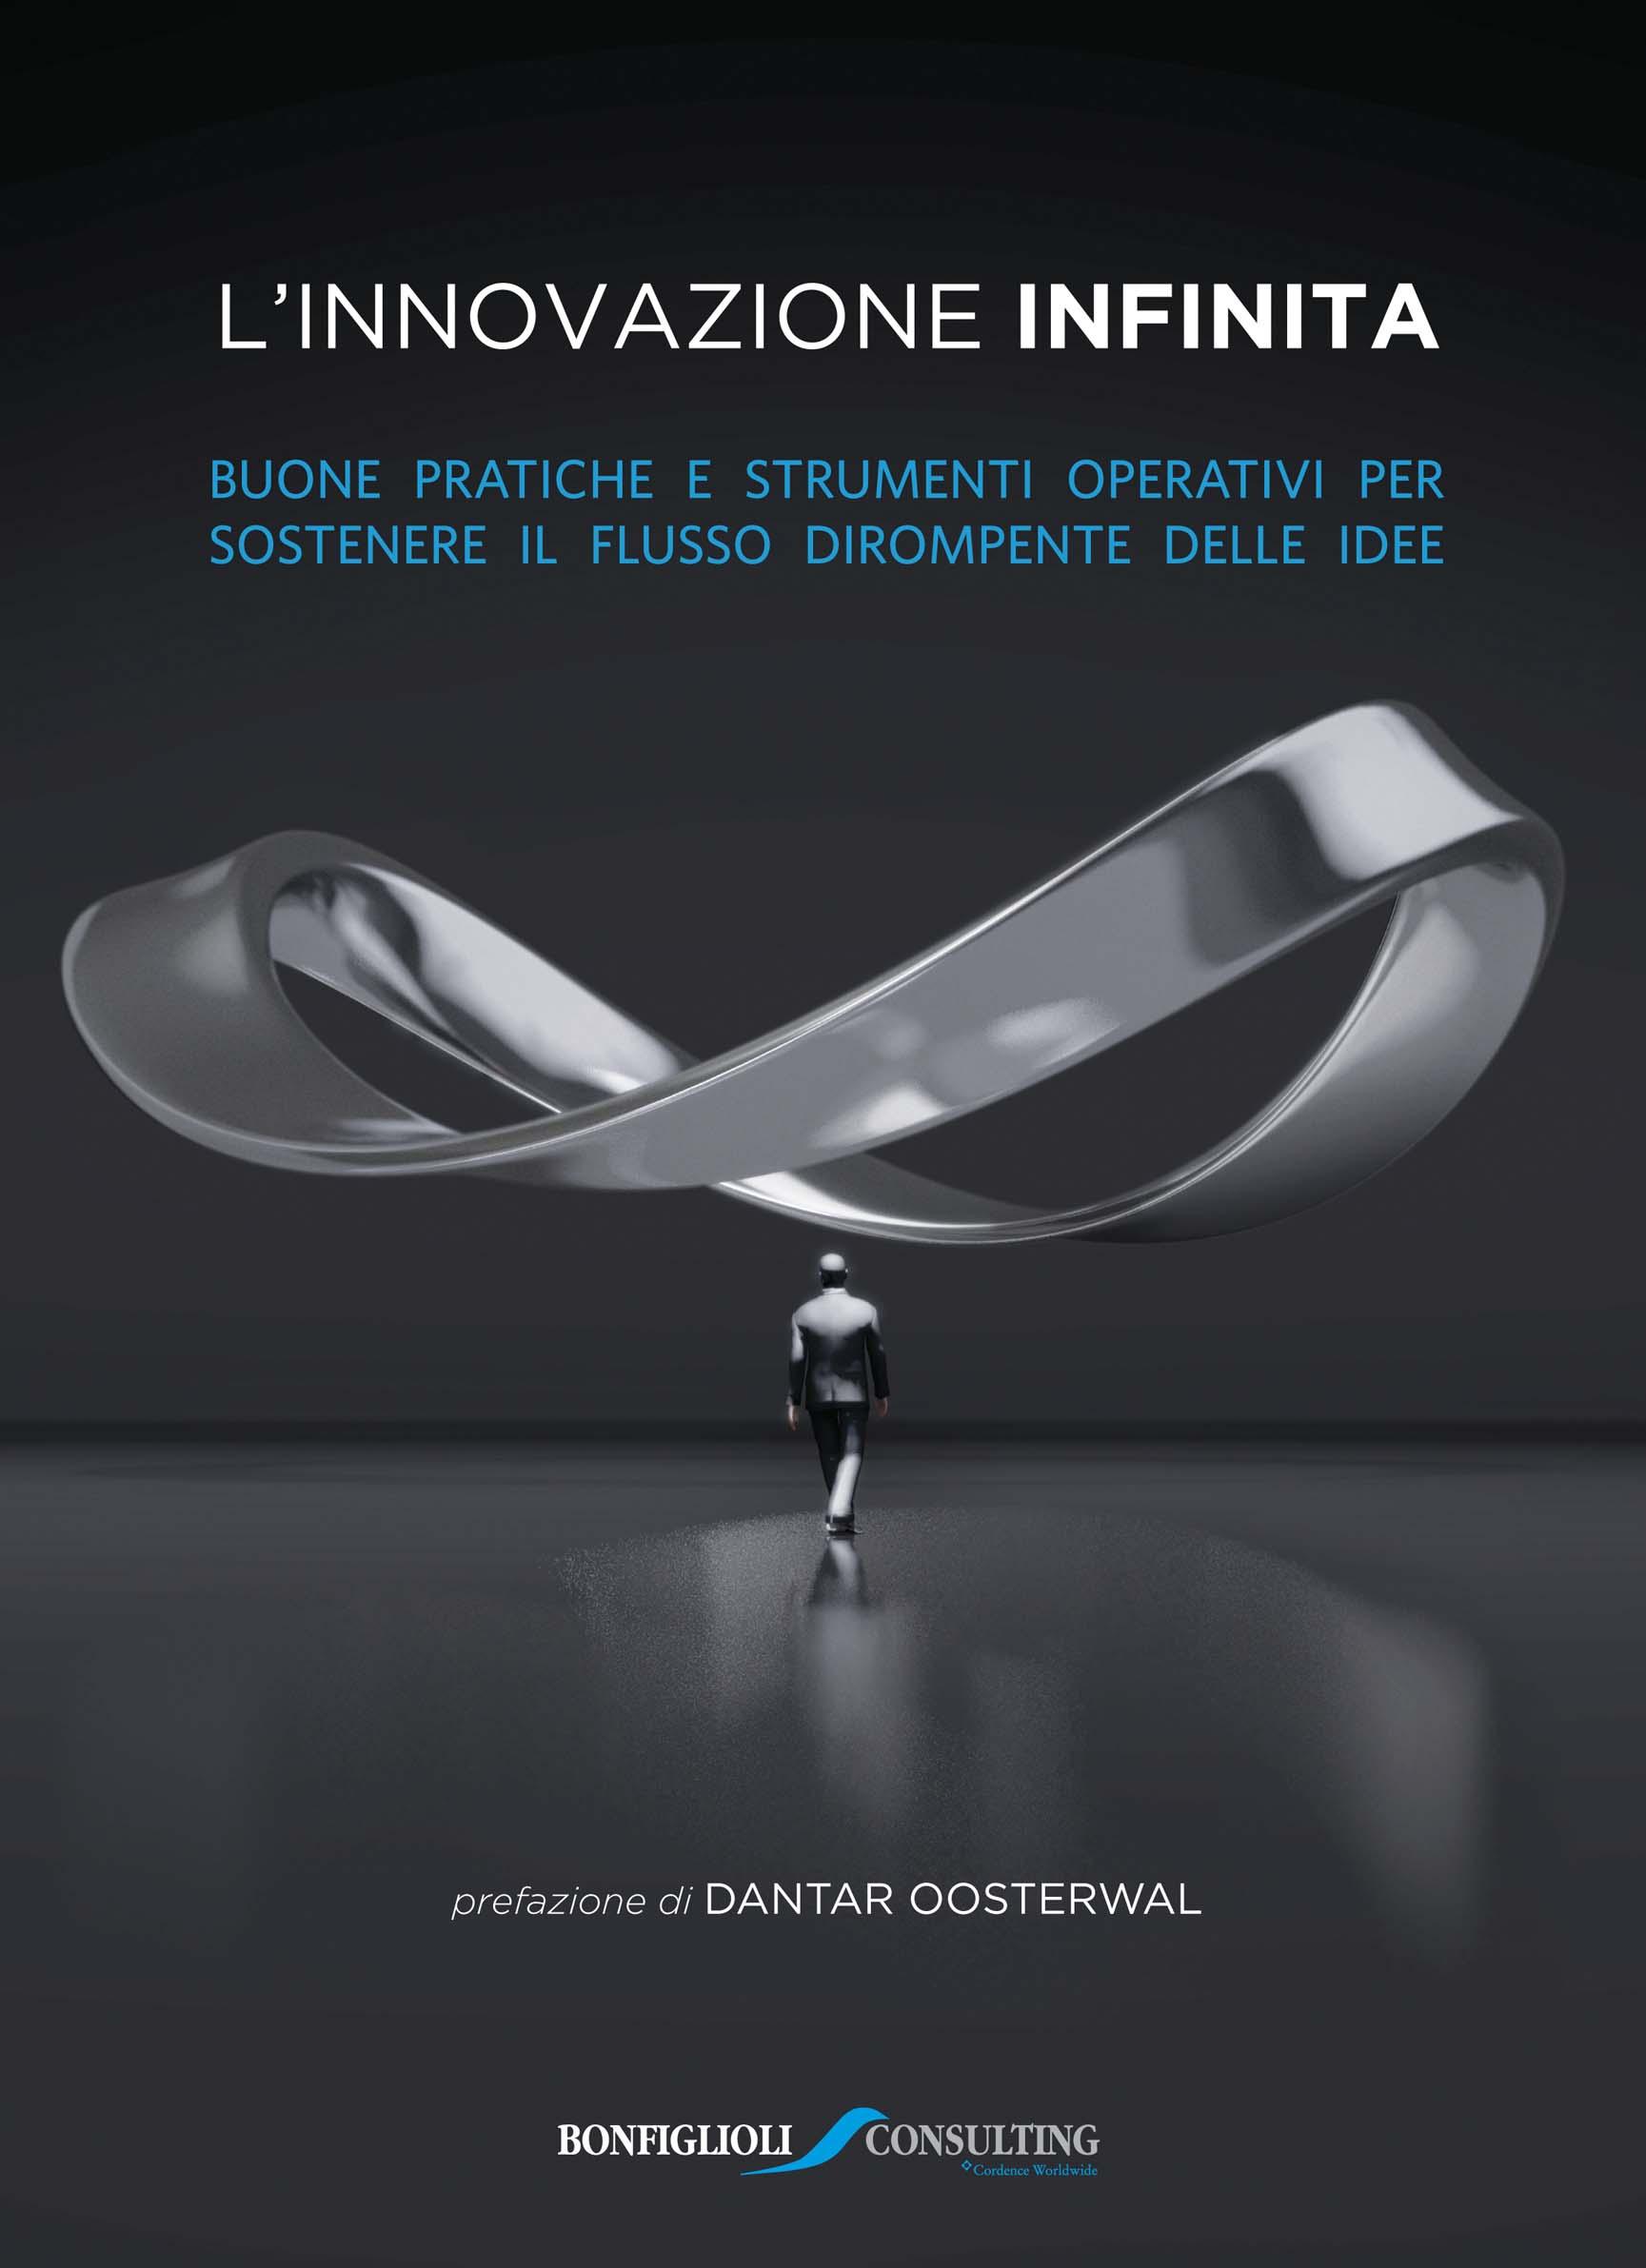 """""""L'INNOVAZIONE INFINITA"""",  il nuovo manuale di Bonfiglioli Consulting"""